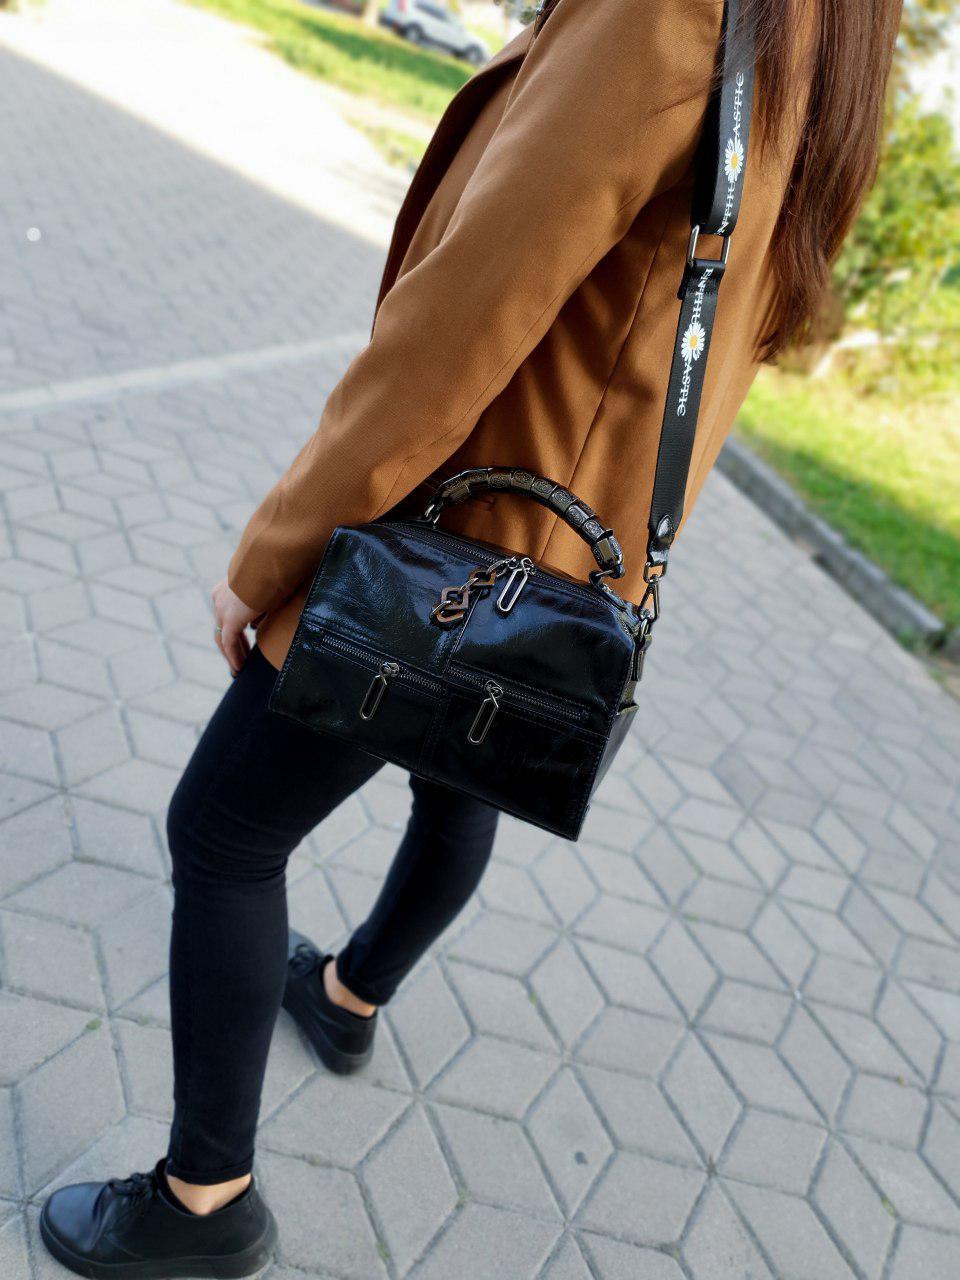 Кожаная женская сумка размером 27х17х12 см Черная